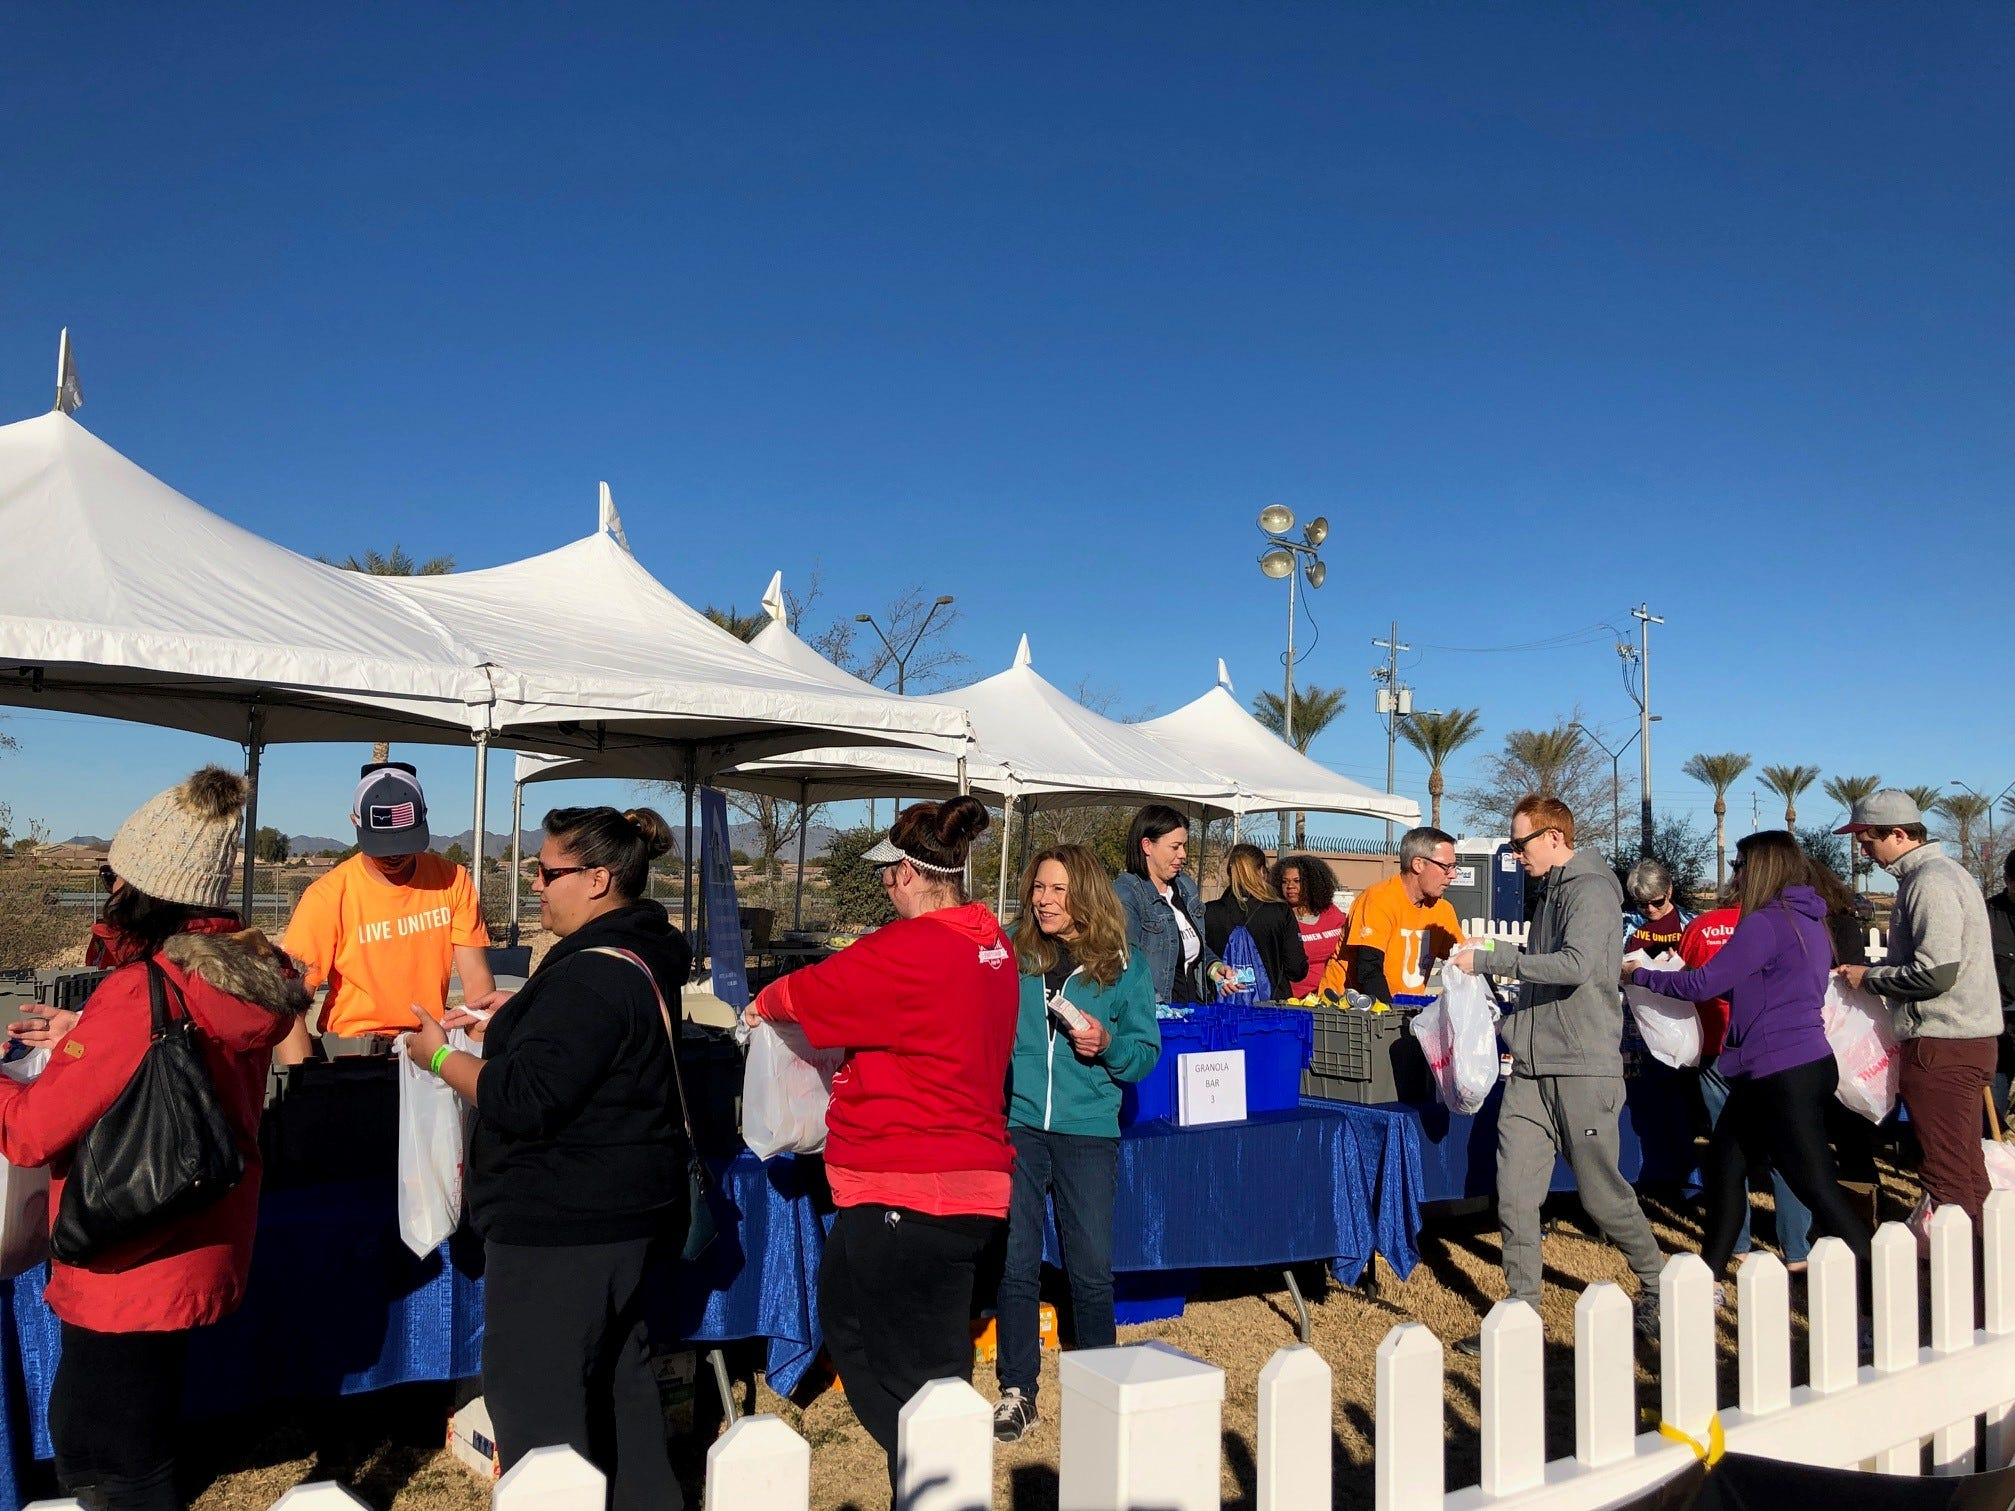 Voluntarios empacan comida para jóvenes en la comunidad.